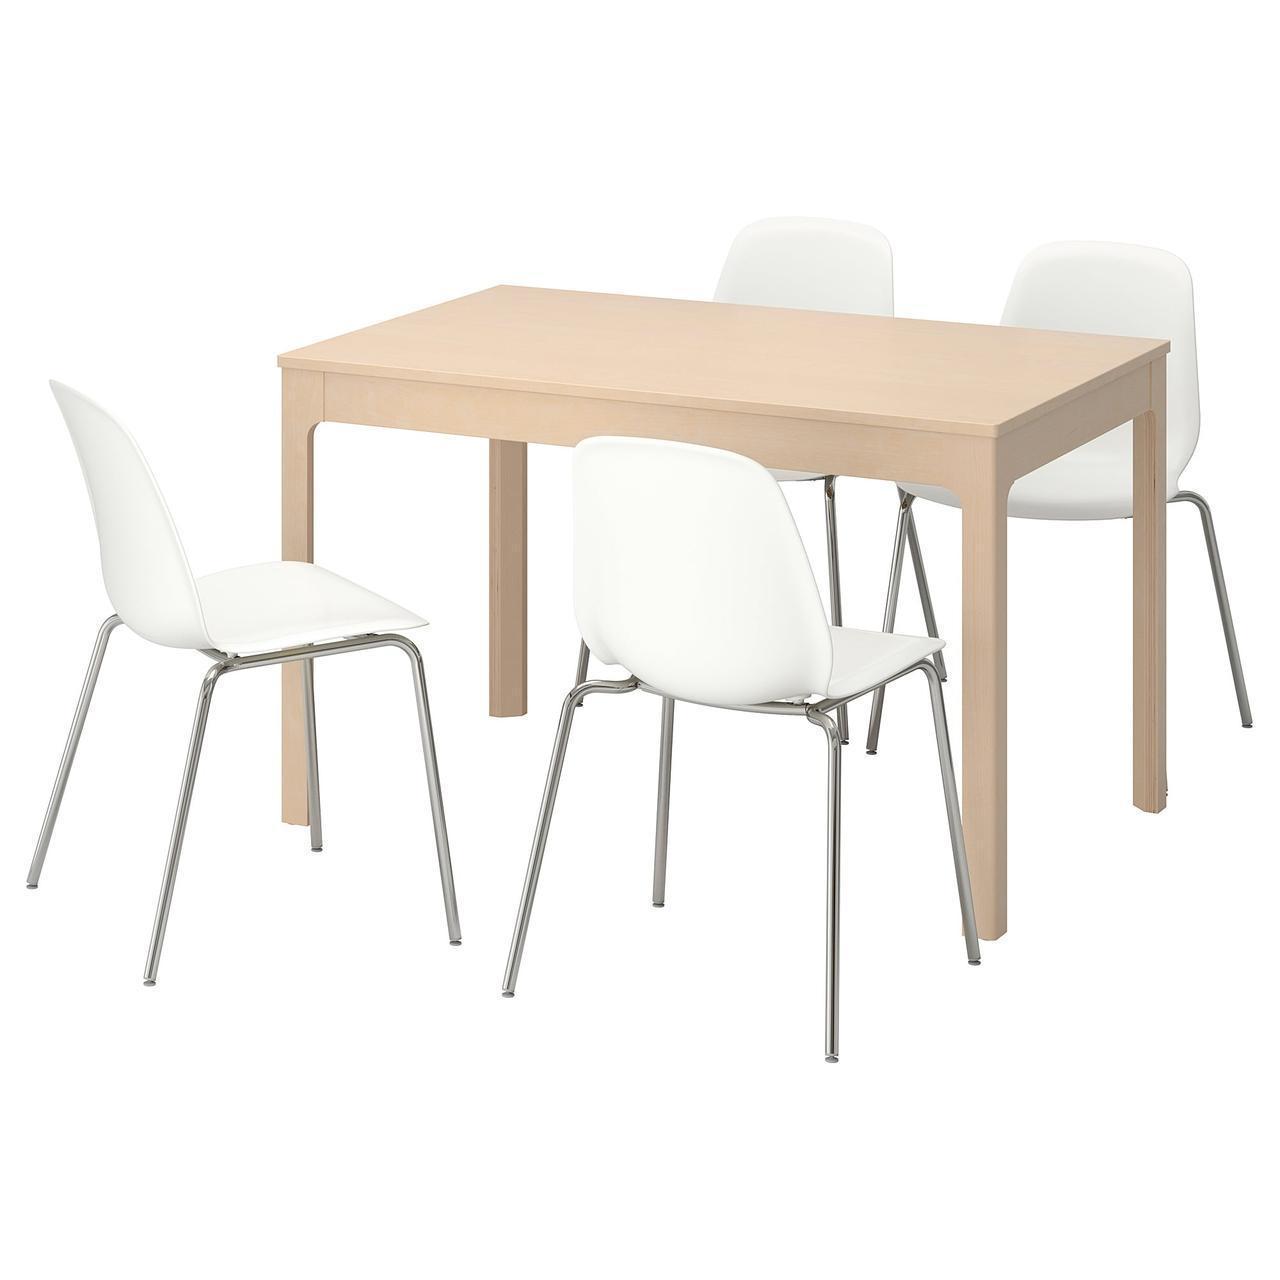 Комплект для кухни (стол и 4 стула) IKEA EKEDALEN / LEIFARNE 120/180 см коричневый белый 492.214.63